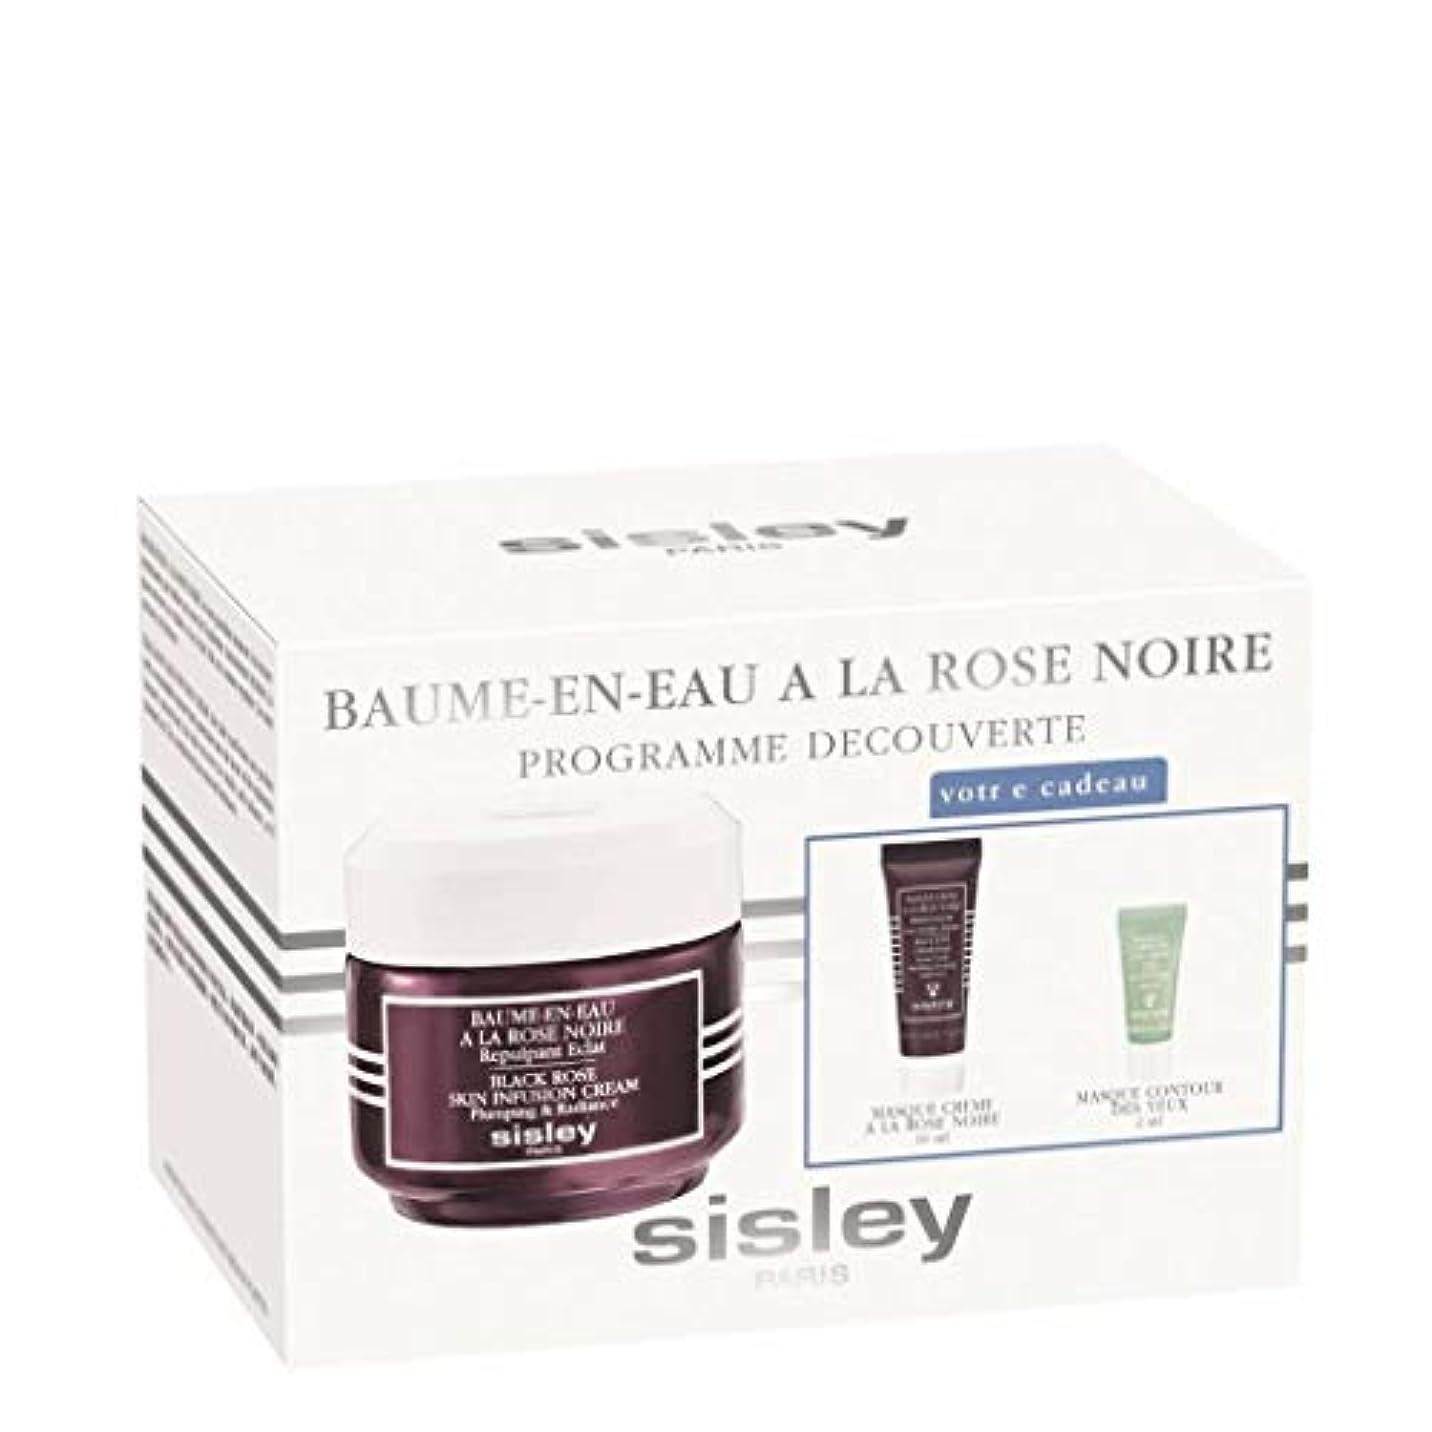 似ている胸パネルシスレー Black Rose Skin Infusion Cream Discovery Program: Black Rose Skin Infusion Cream 50ml+Black Rose Cream Mask...